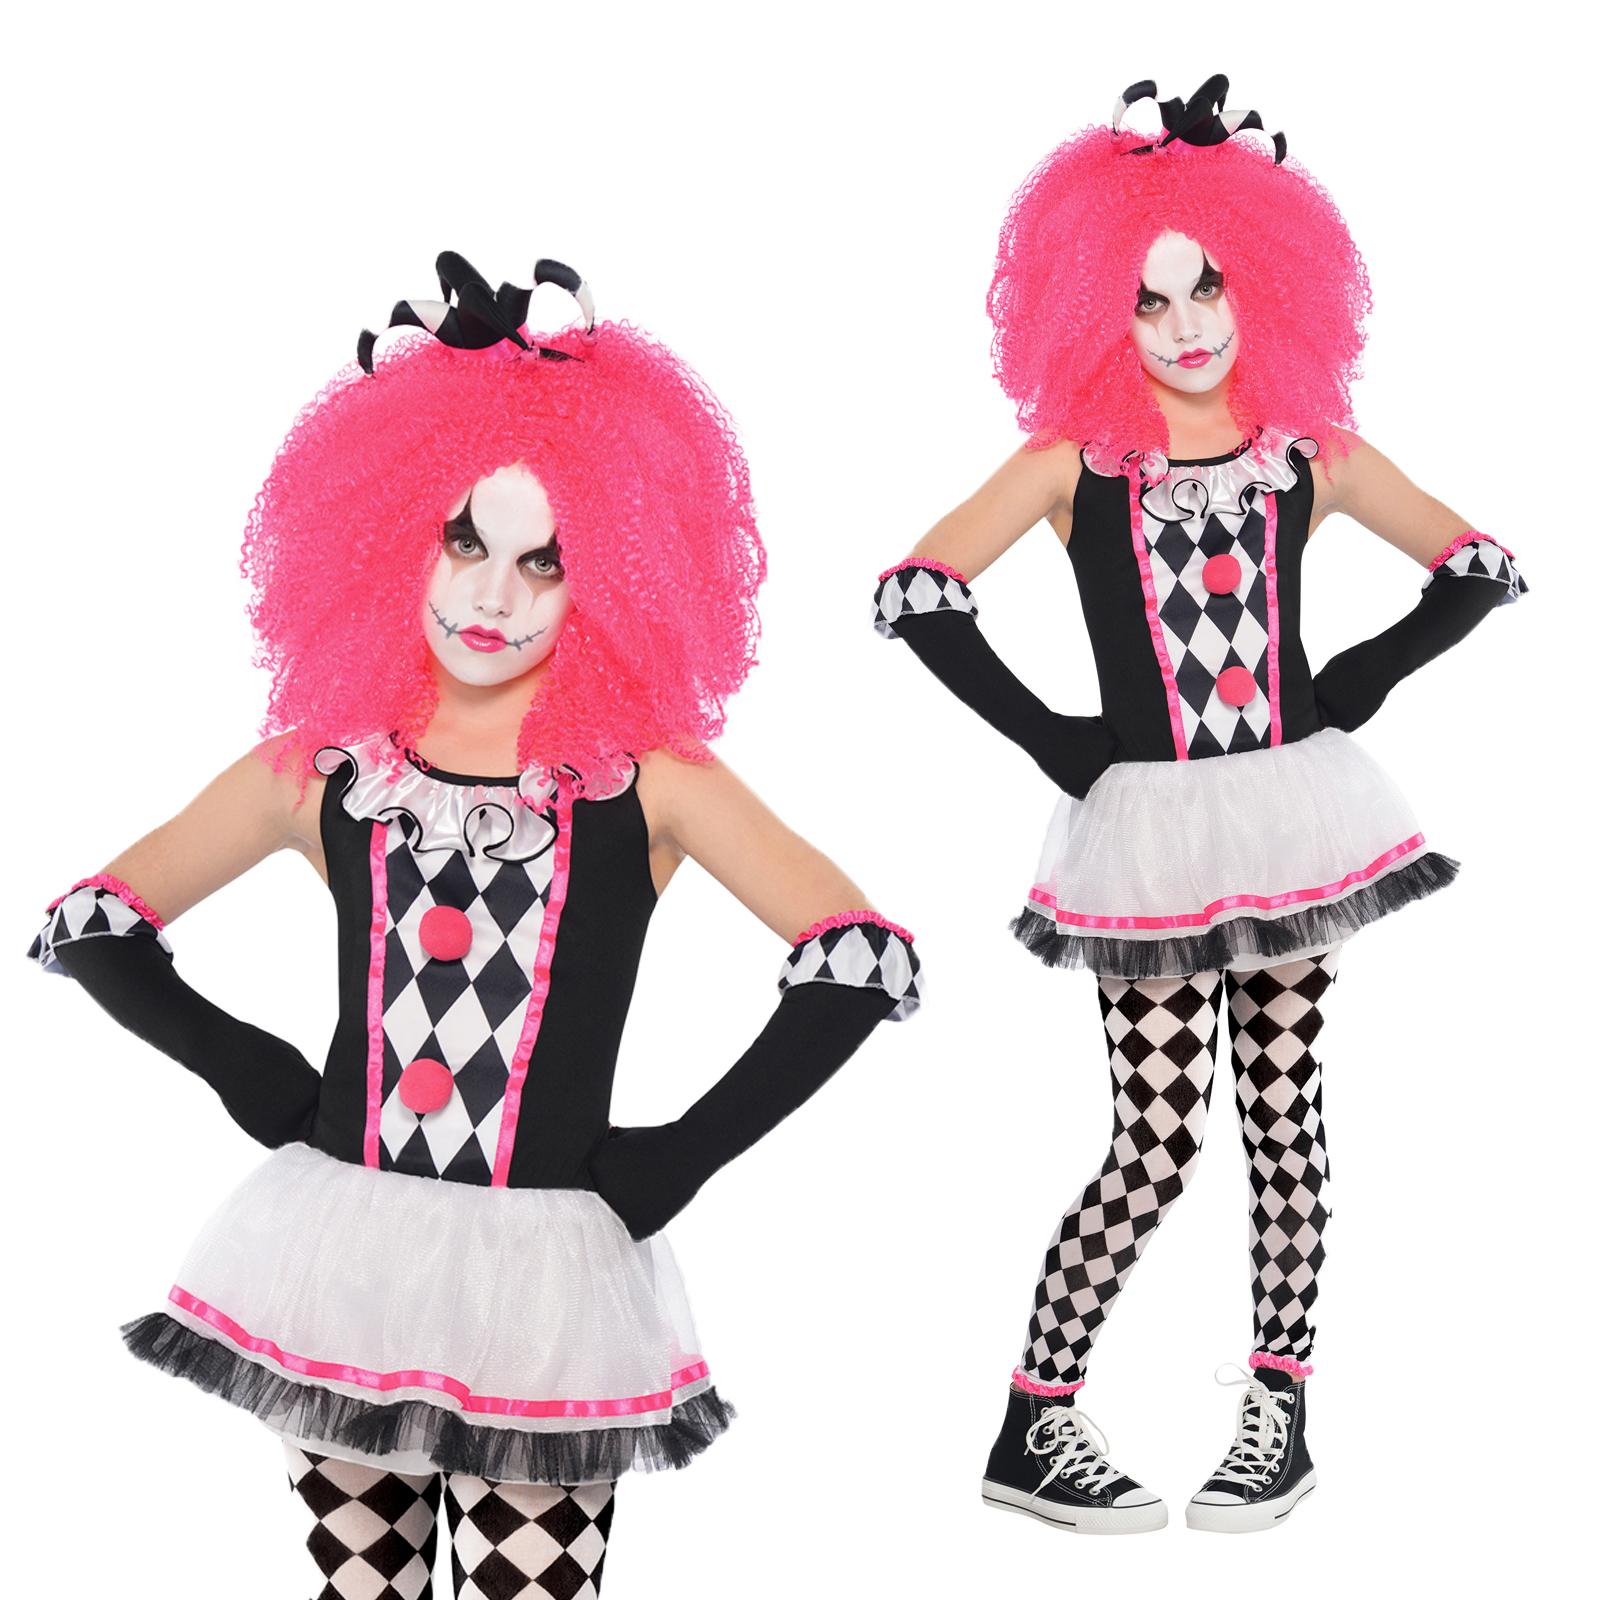 christys verkleidung m dchen circus bonbon teen halloween